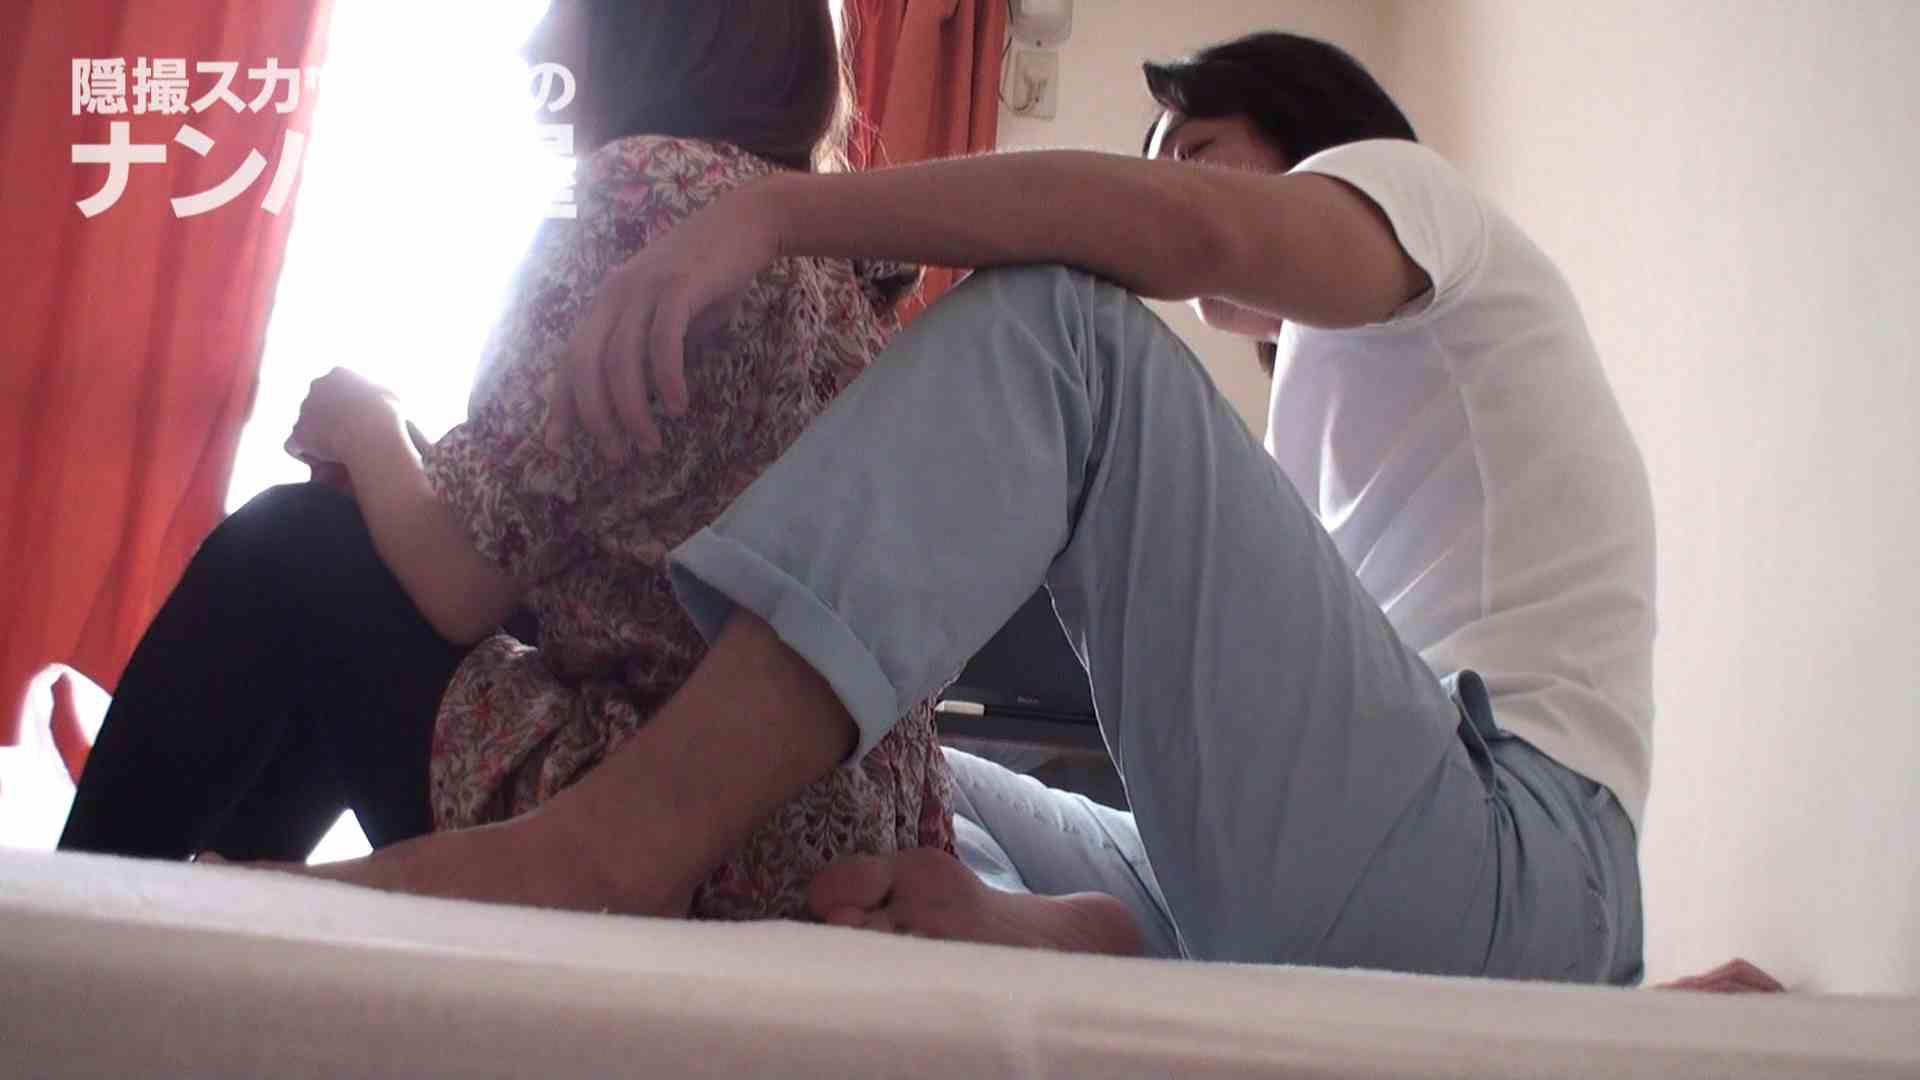 隠撮スカウトマンのナンパ部屋~風俗デビュー前のつまみ食い~ sii 隠撮 SEX無修正画像 100連発 20